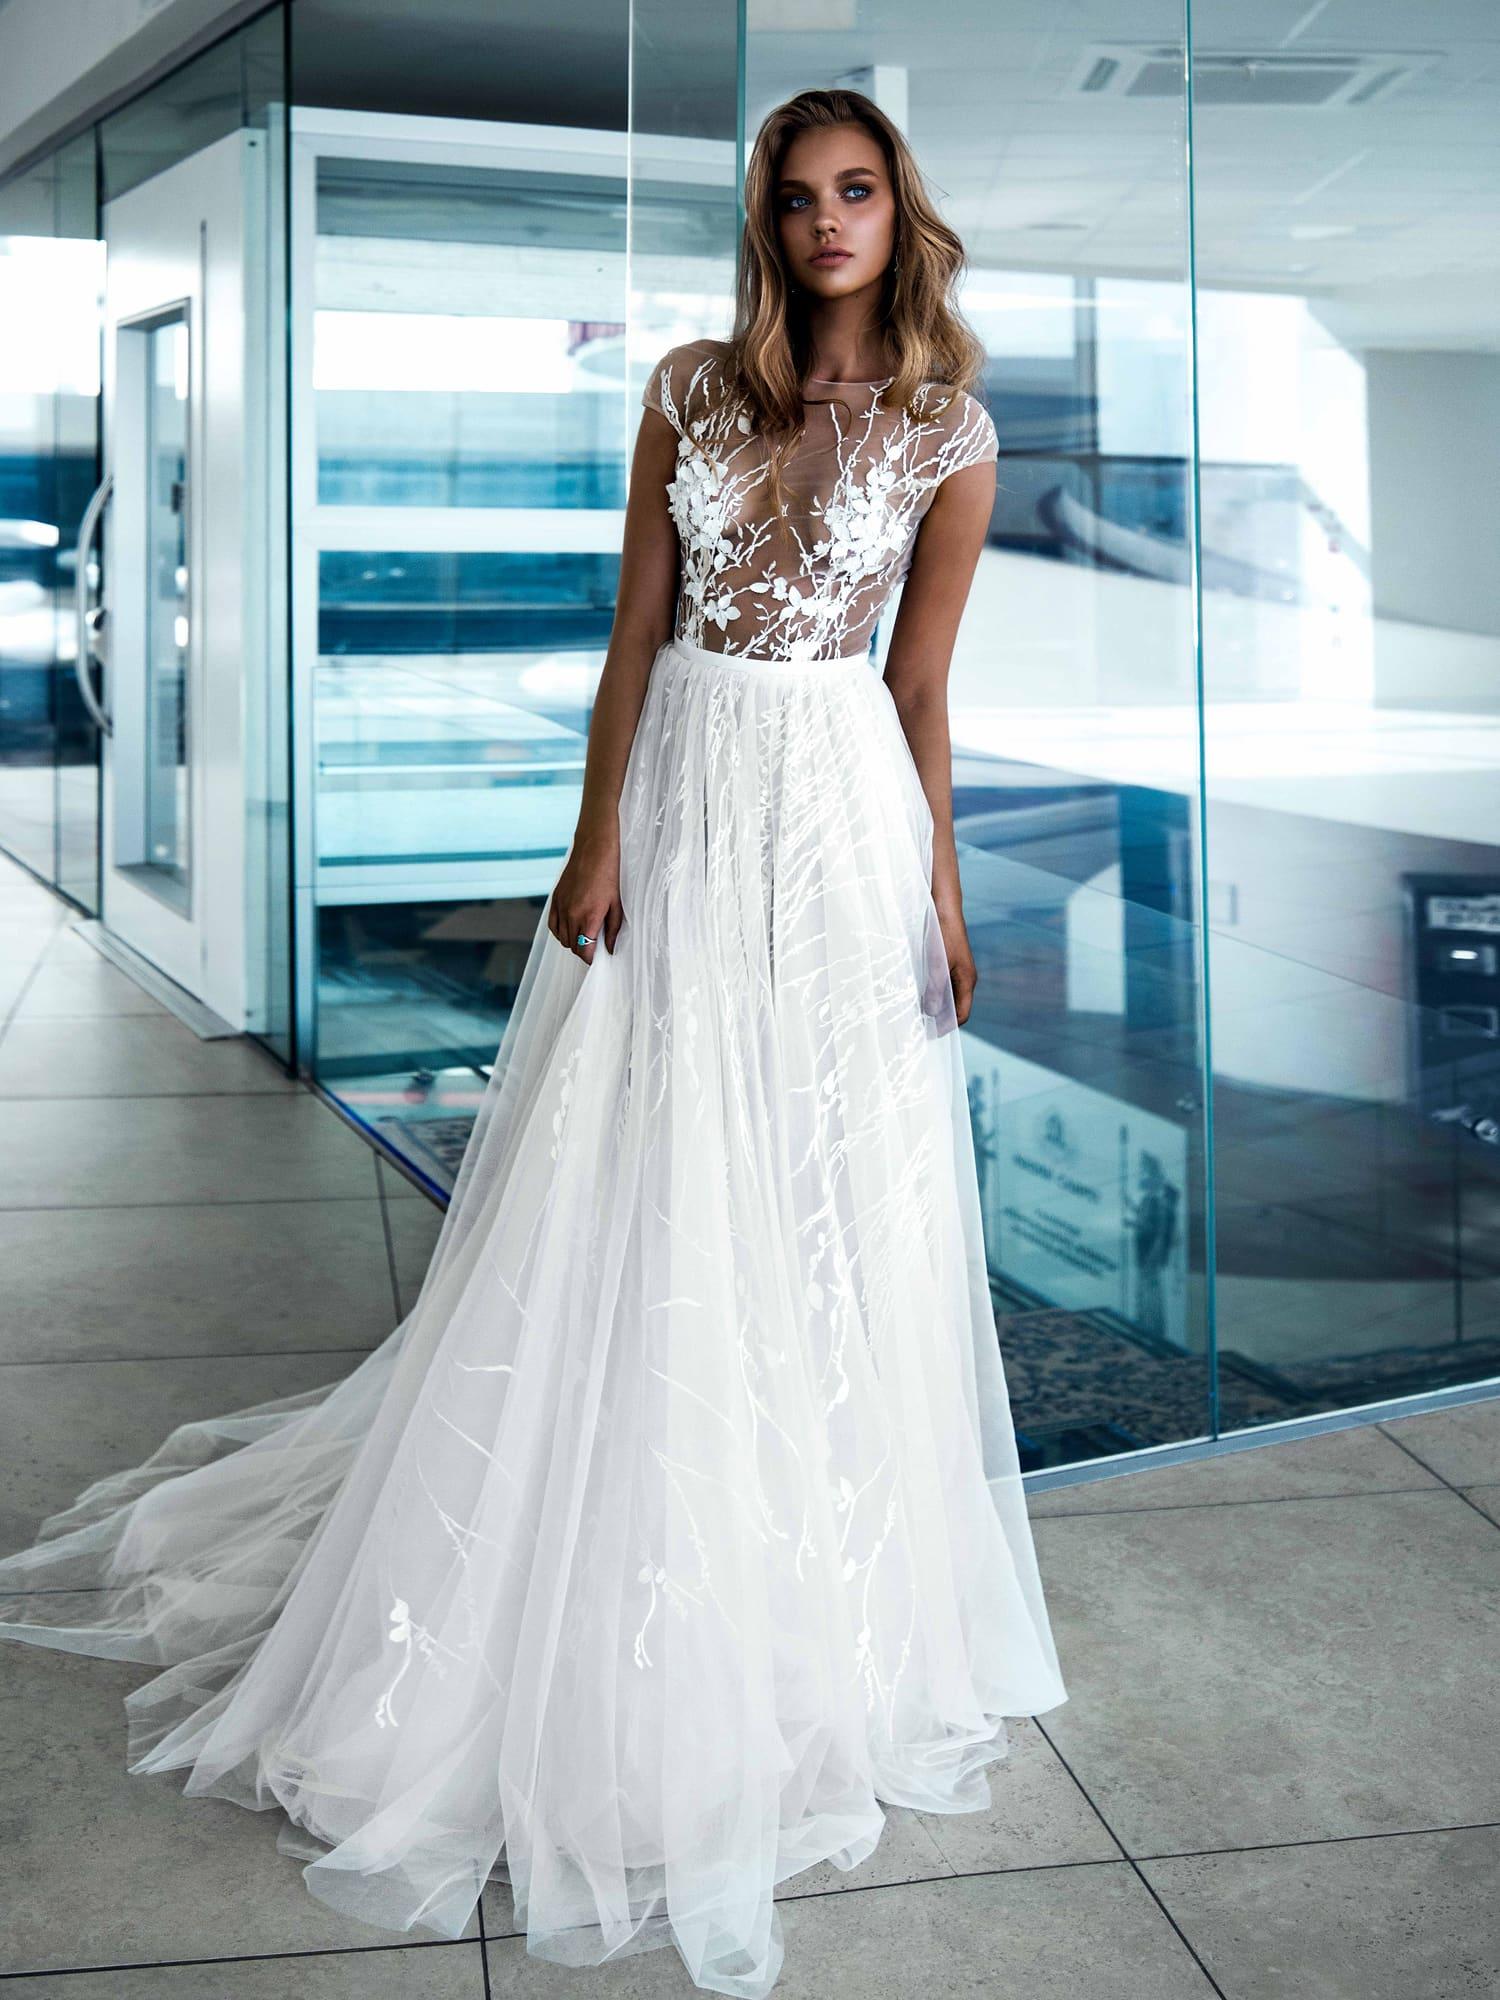 038e1bfabf1 Самые сексуальные свадебные платья 2019